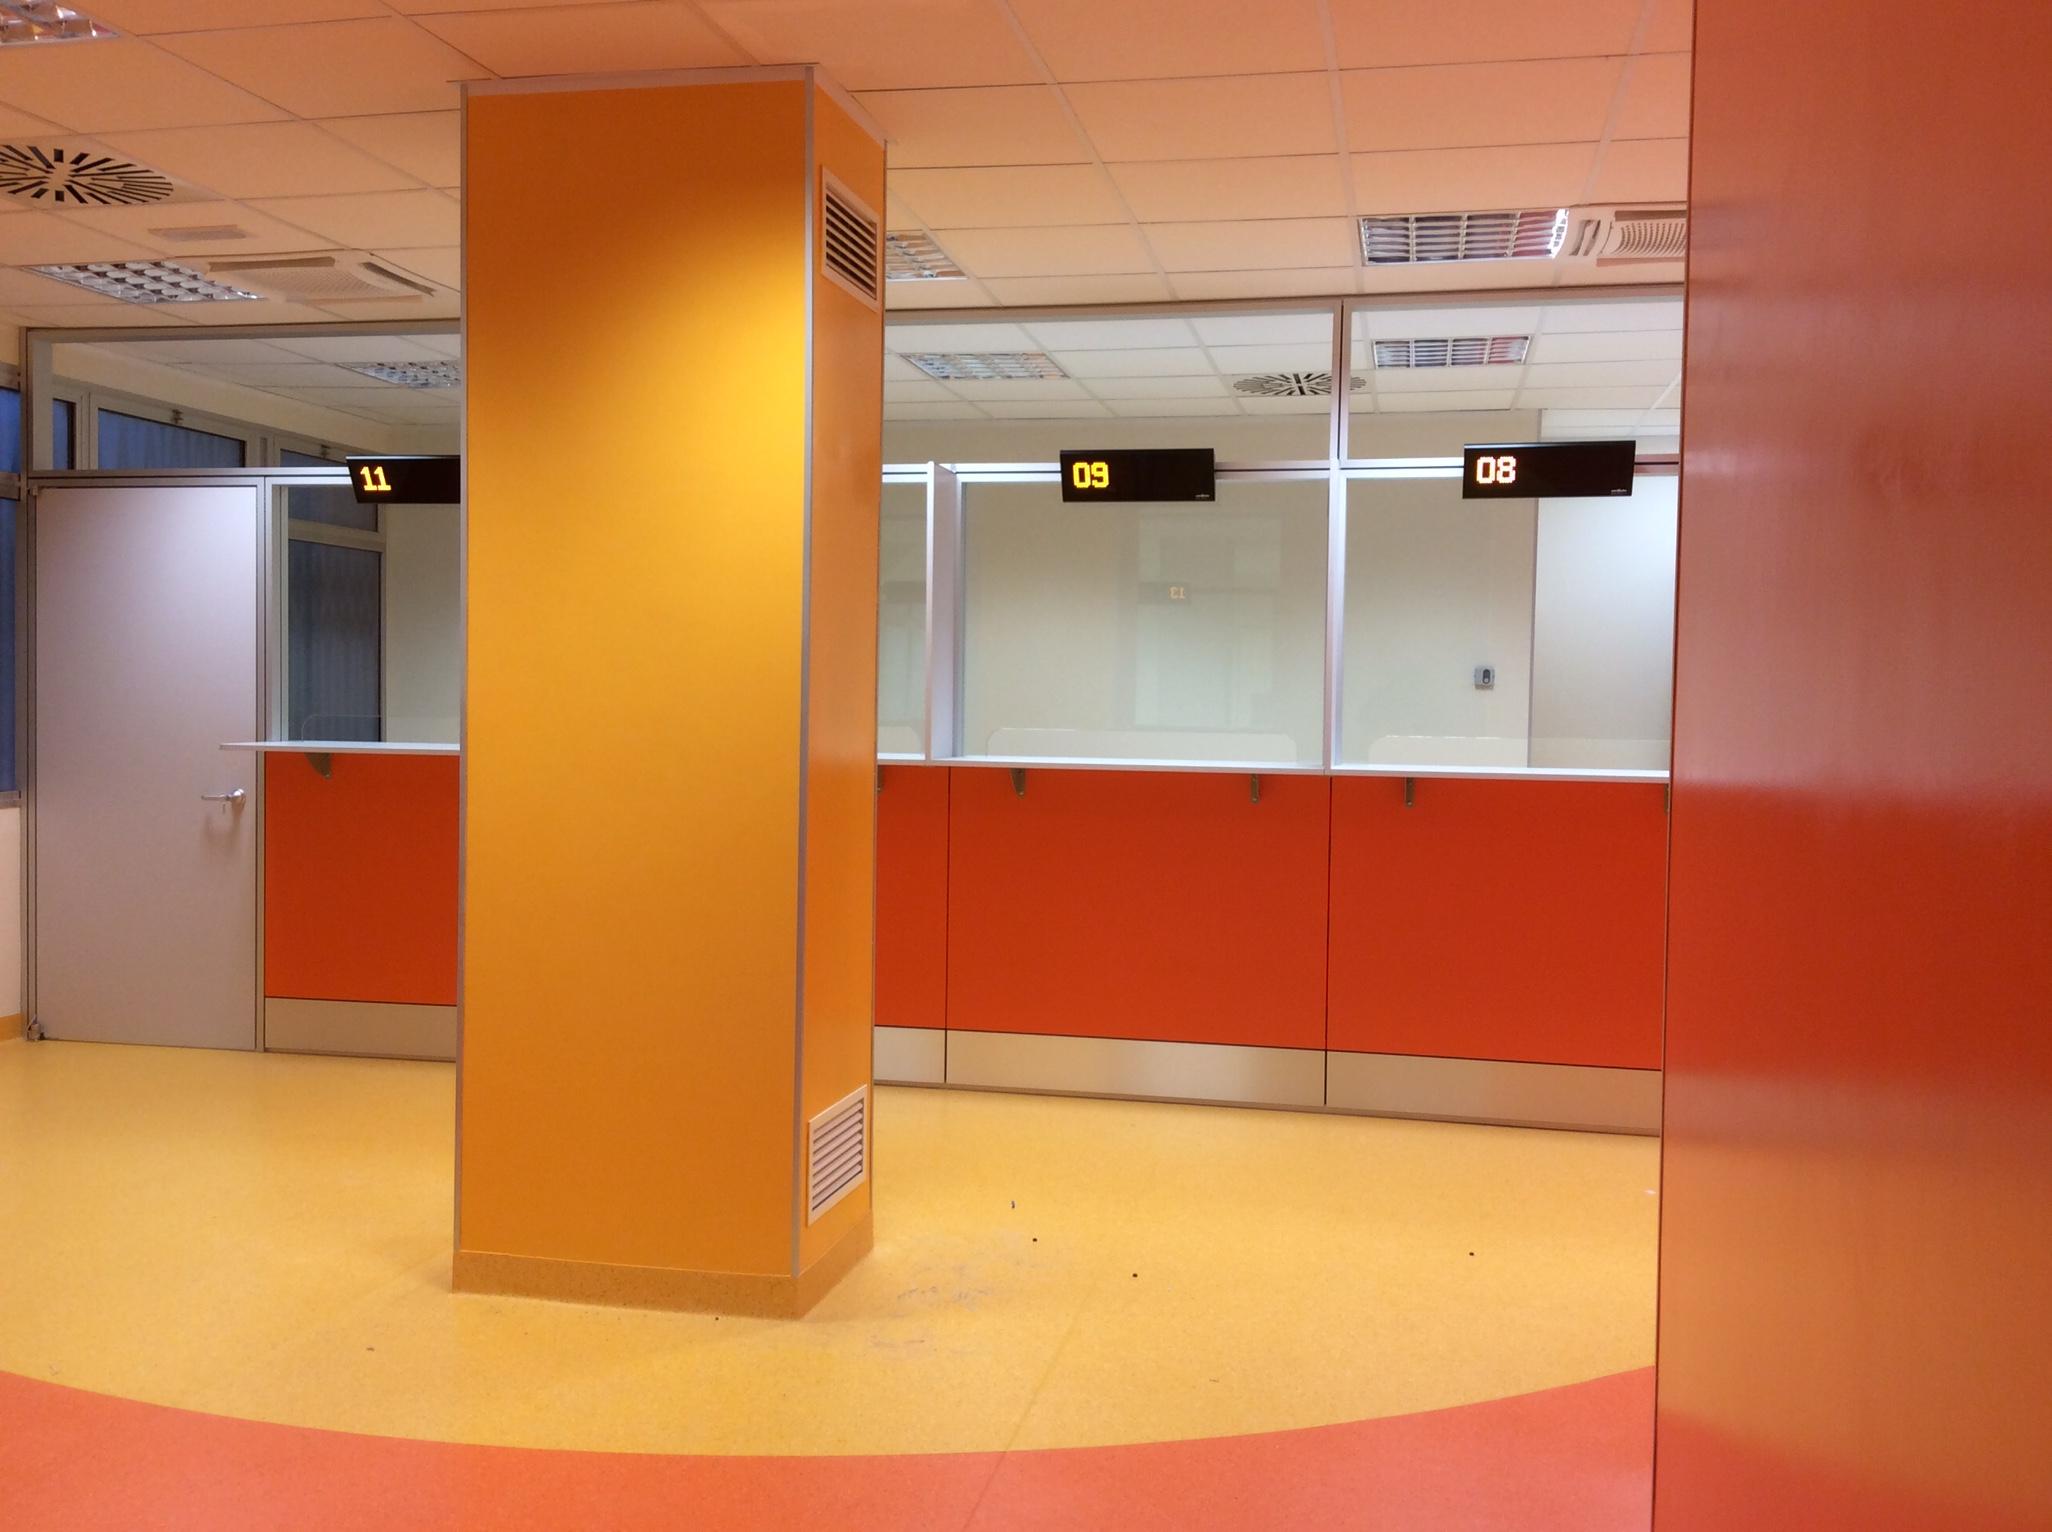 6 Realizzazione su misura nuova area accettazione con pareti attrezzate - Riganelli Arredamenti